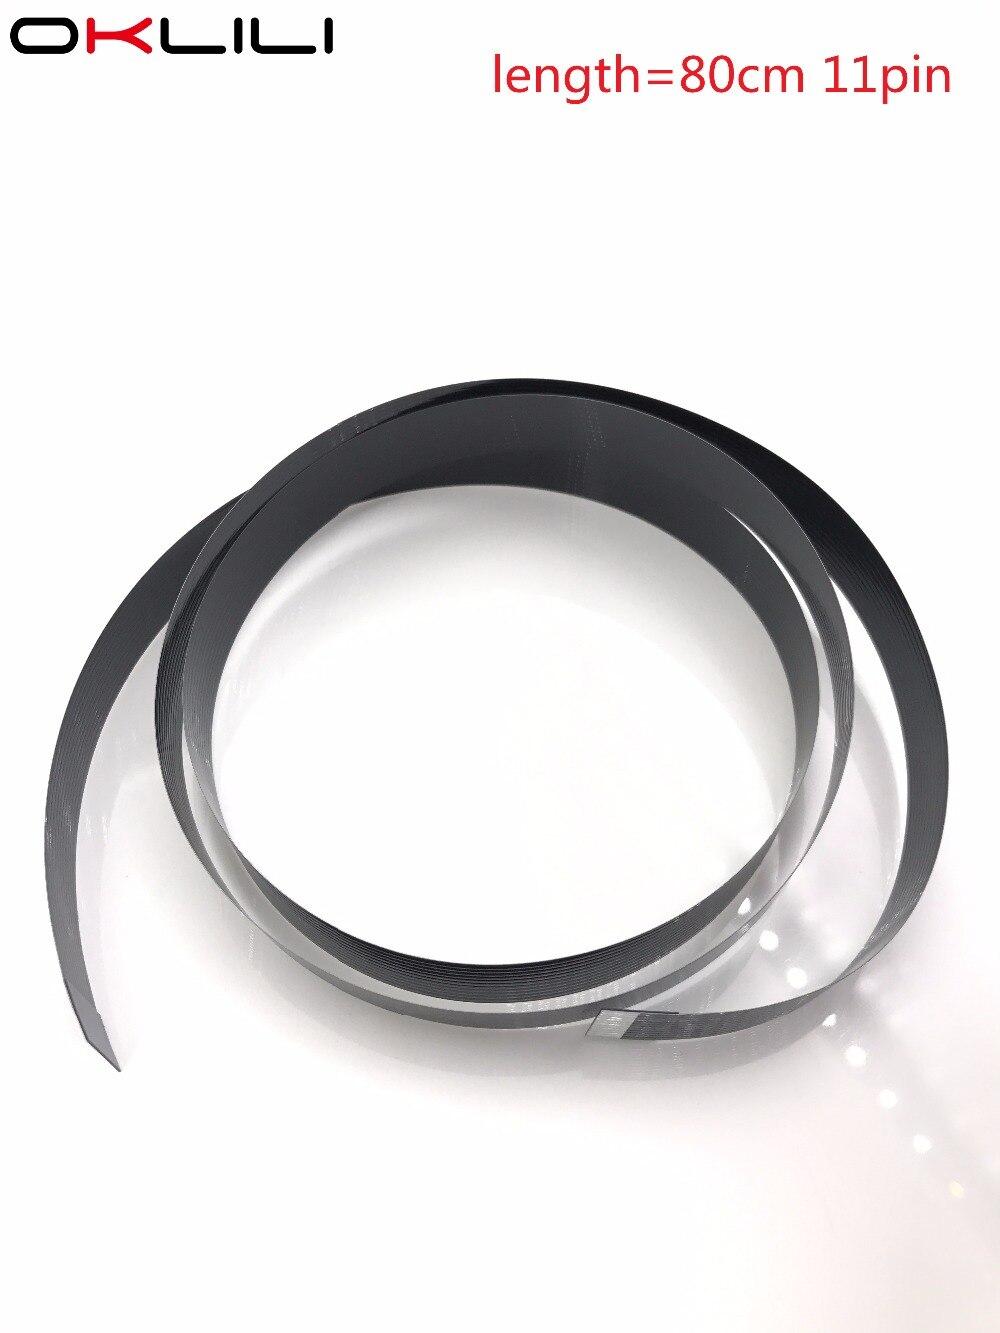 50 CE538 60106 automática Doc de ADF planos Flex Cable flexible 80 cm para HP CM1415 M276 M127 M128 M132 M175 m177 M225 M226 M227-in Piezas de impresora from Ordenadores y oficina on AliExpress - 11.11_Double 11_Singles' Day 1